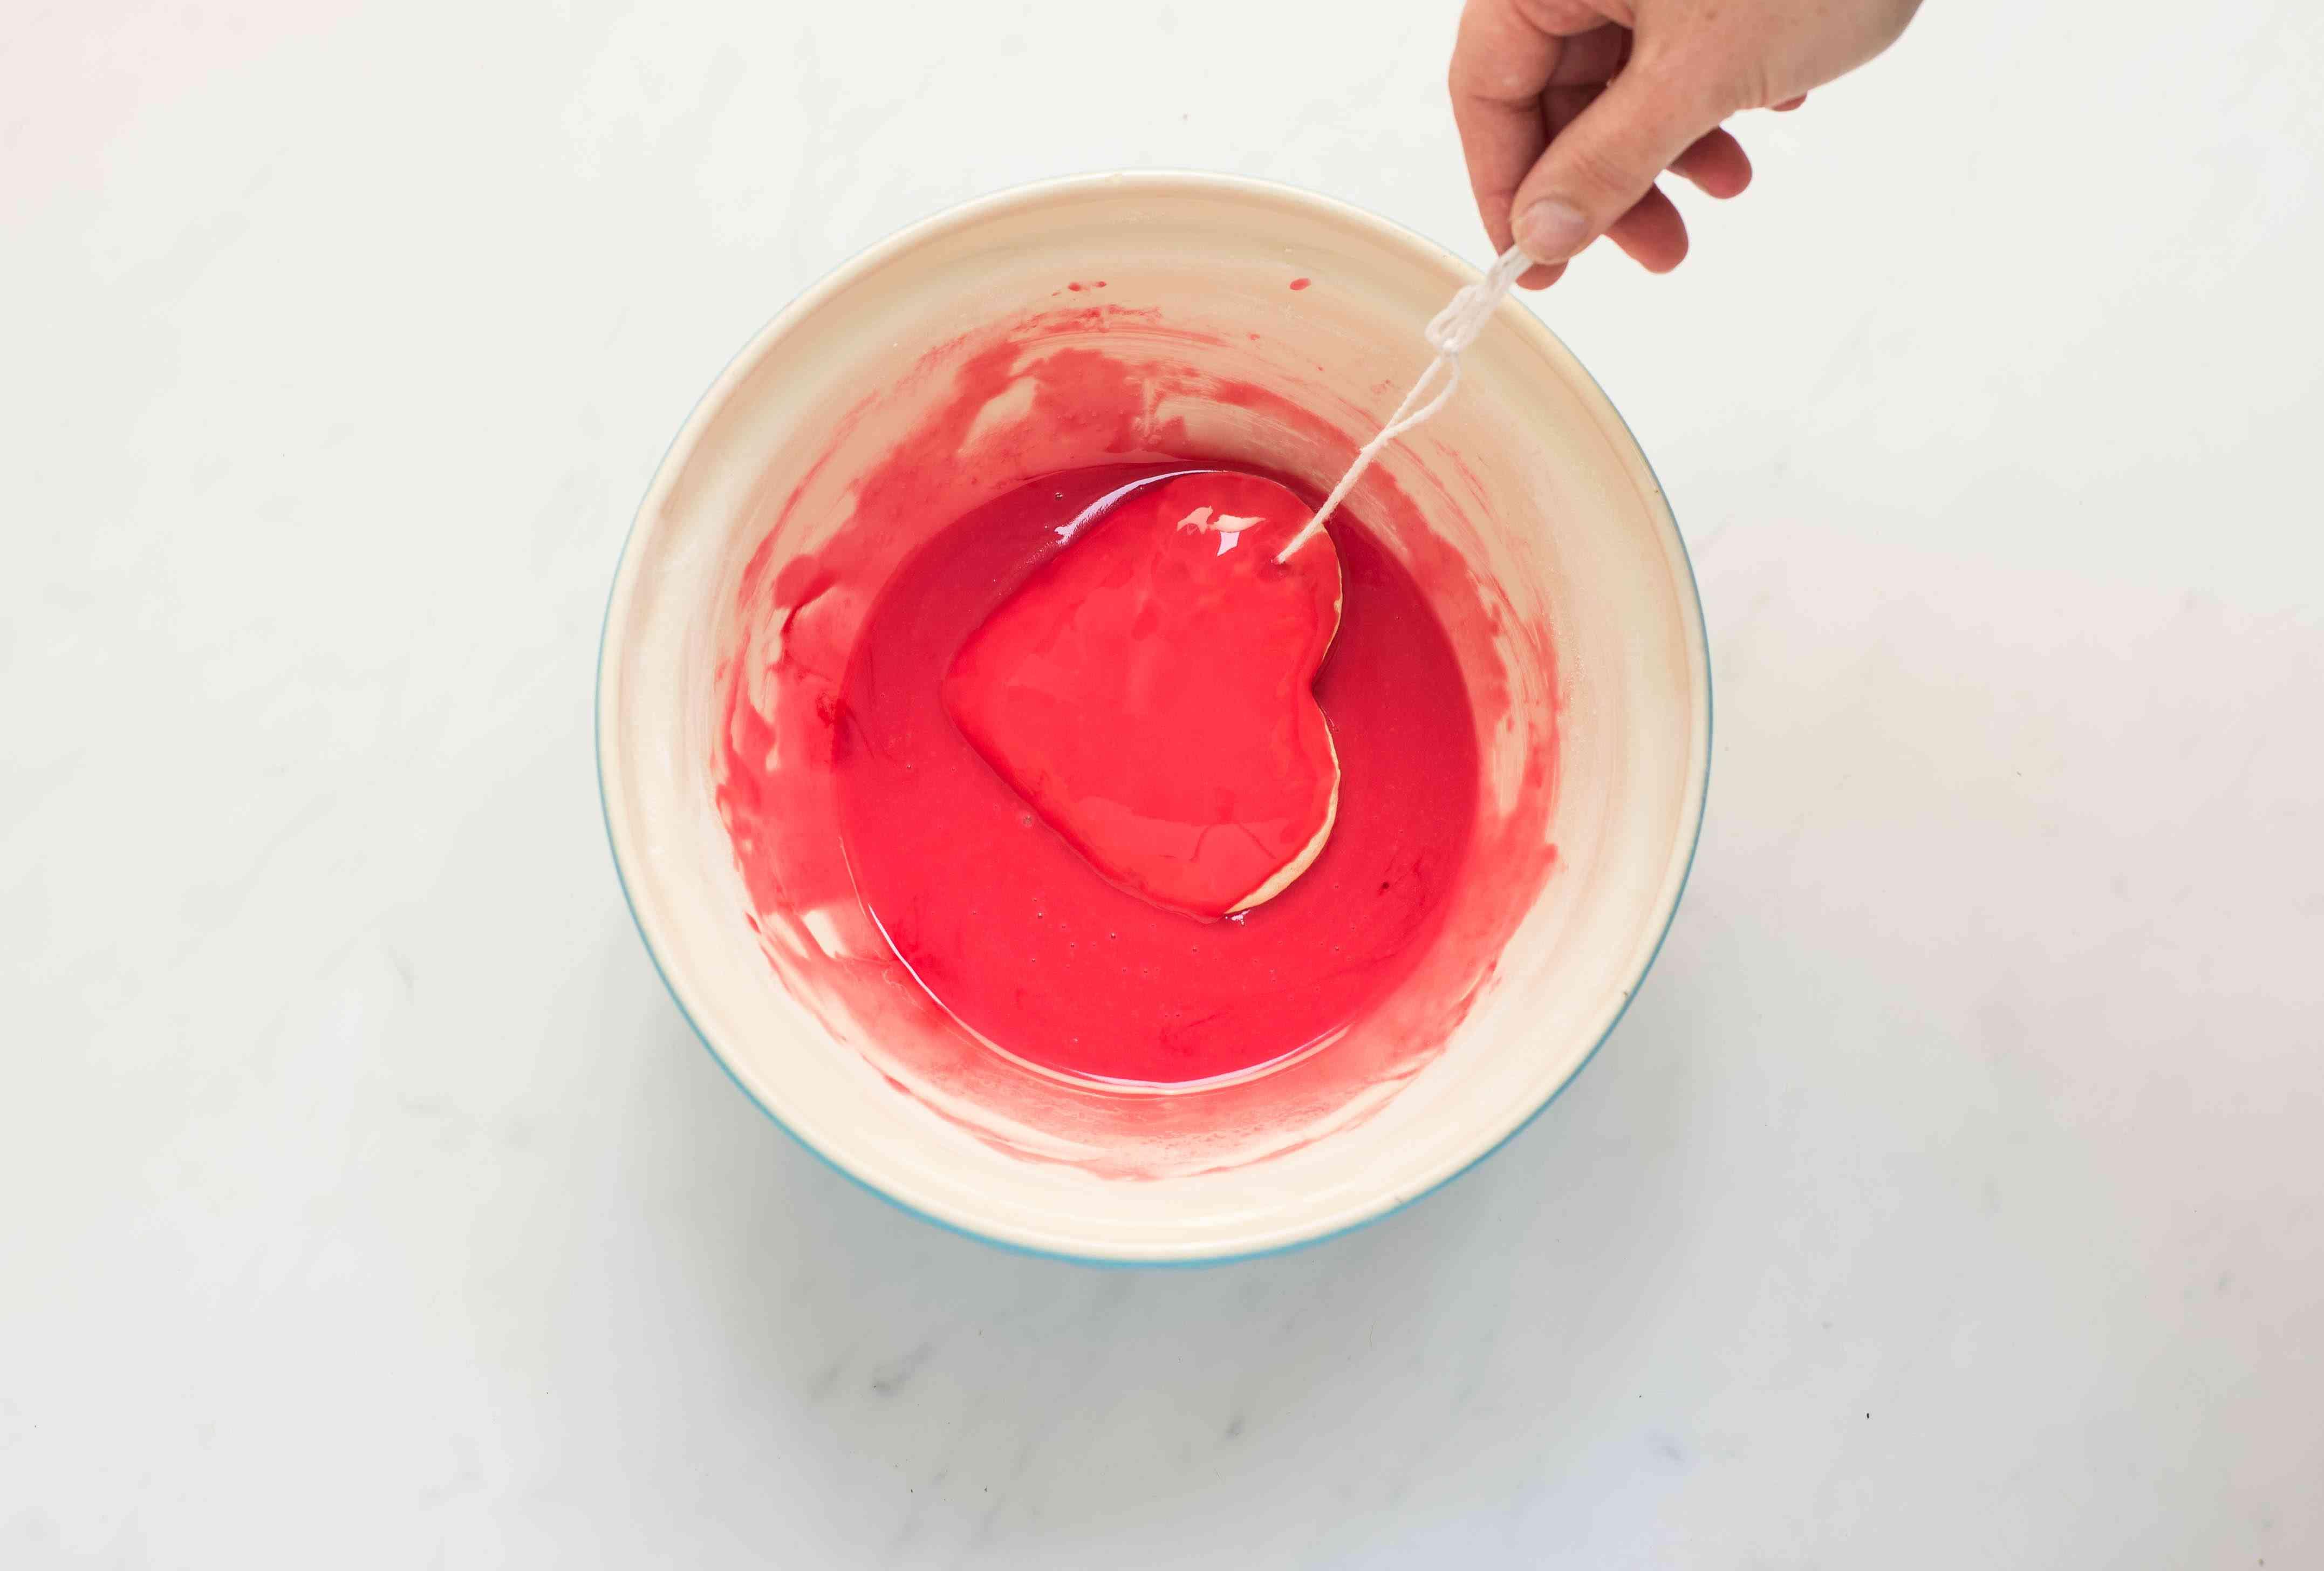 Dip cookie in red dye